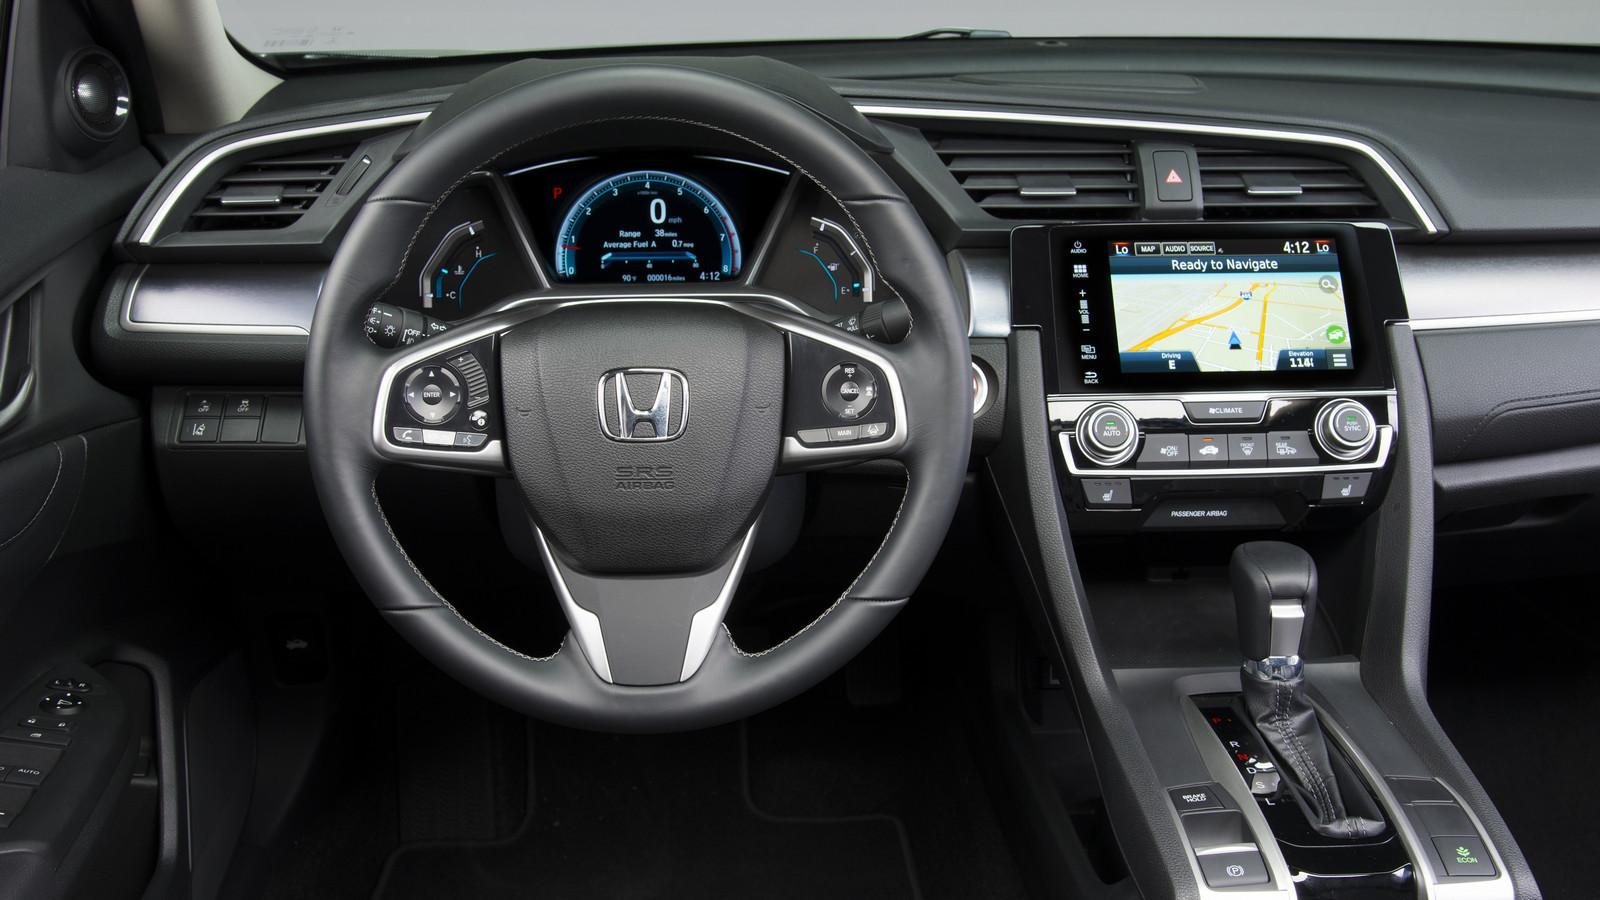 Некоторые опции мультимедийных систем отвлекают водителей